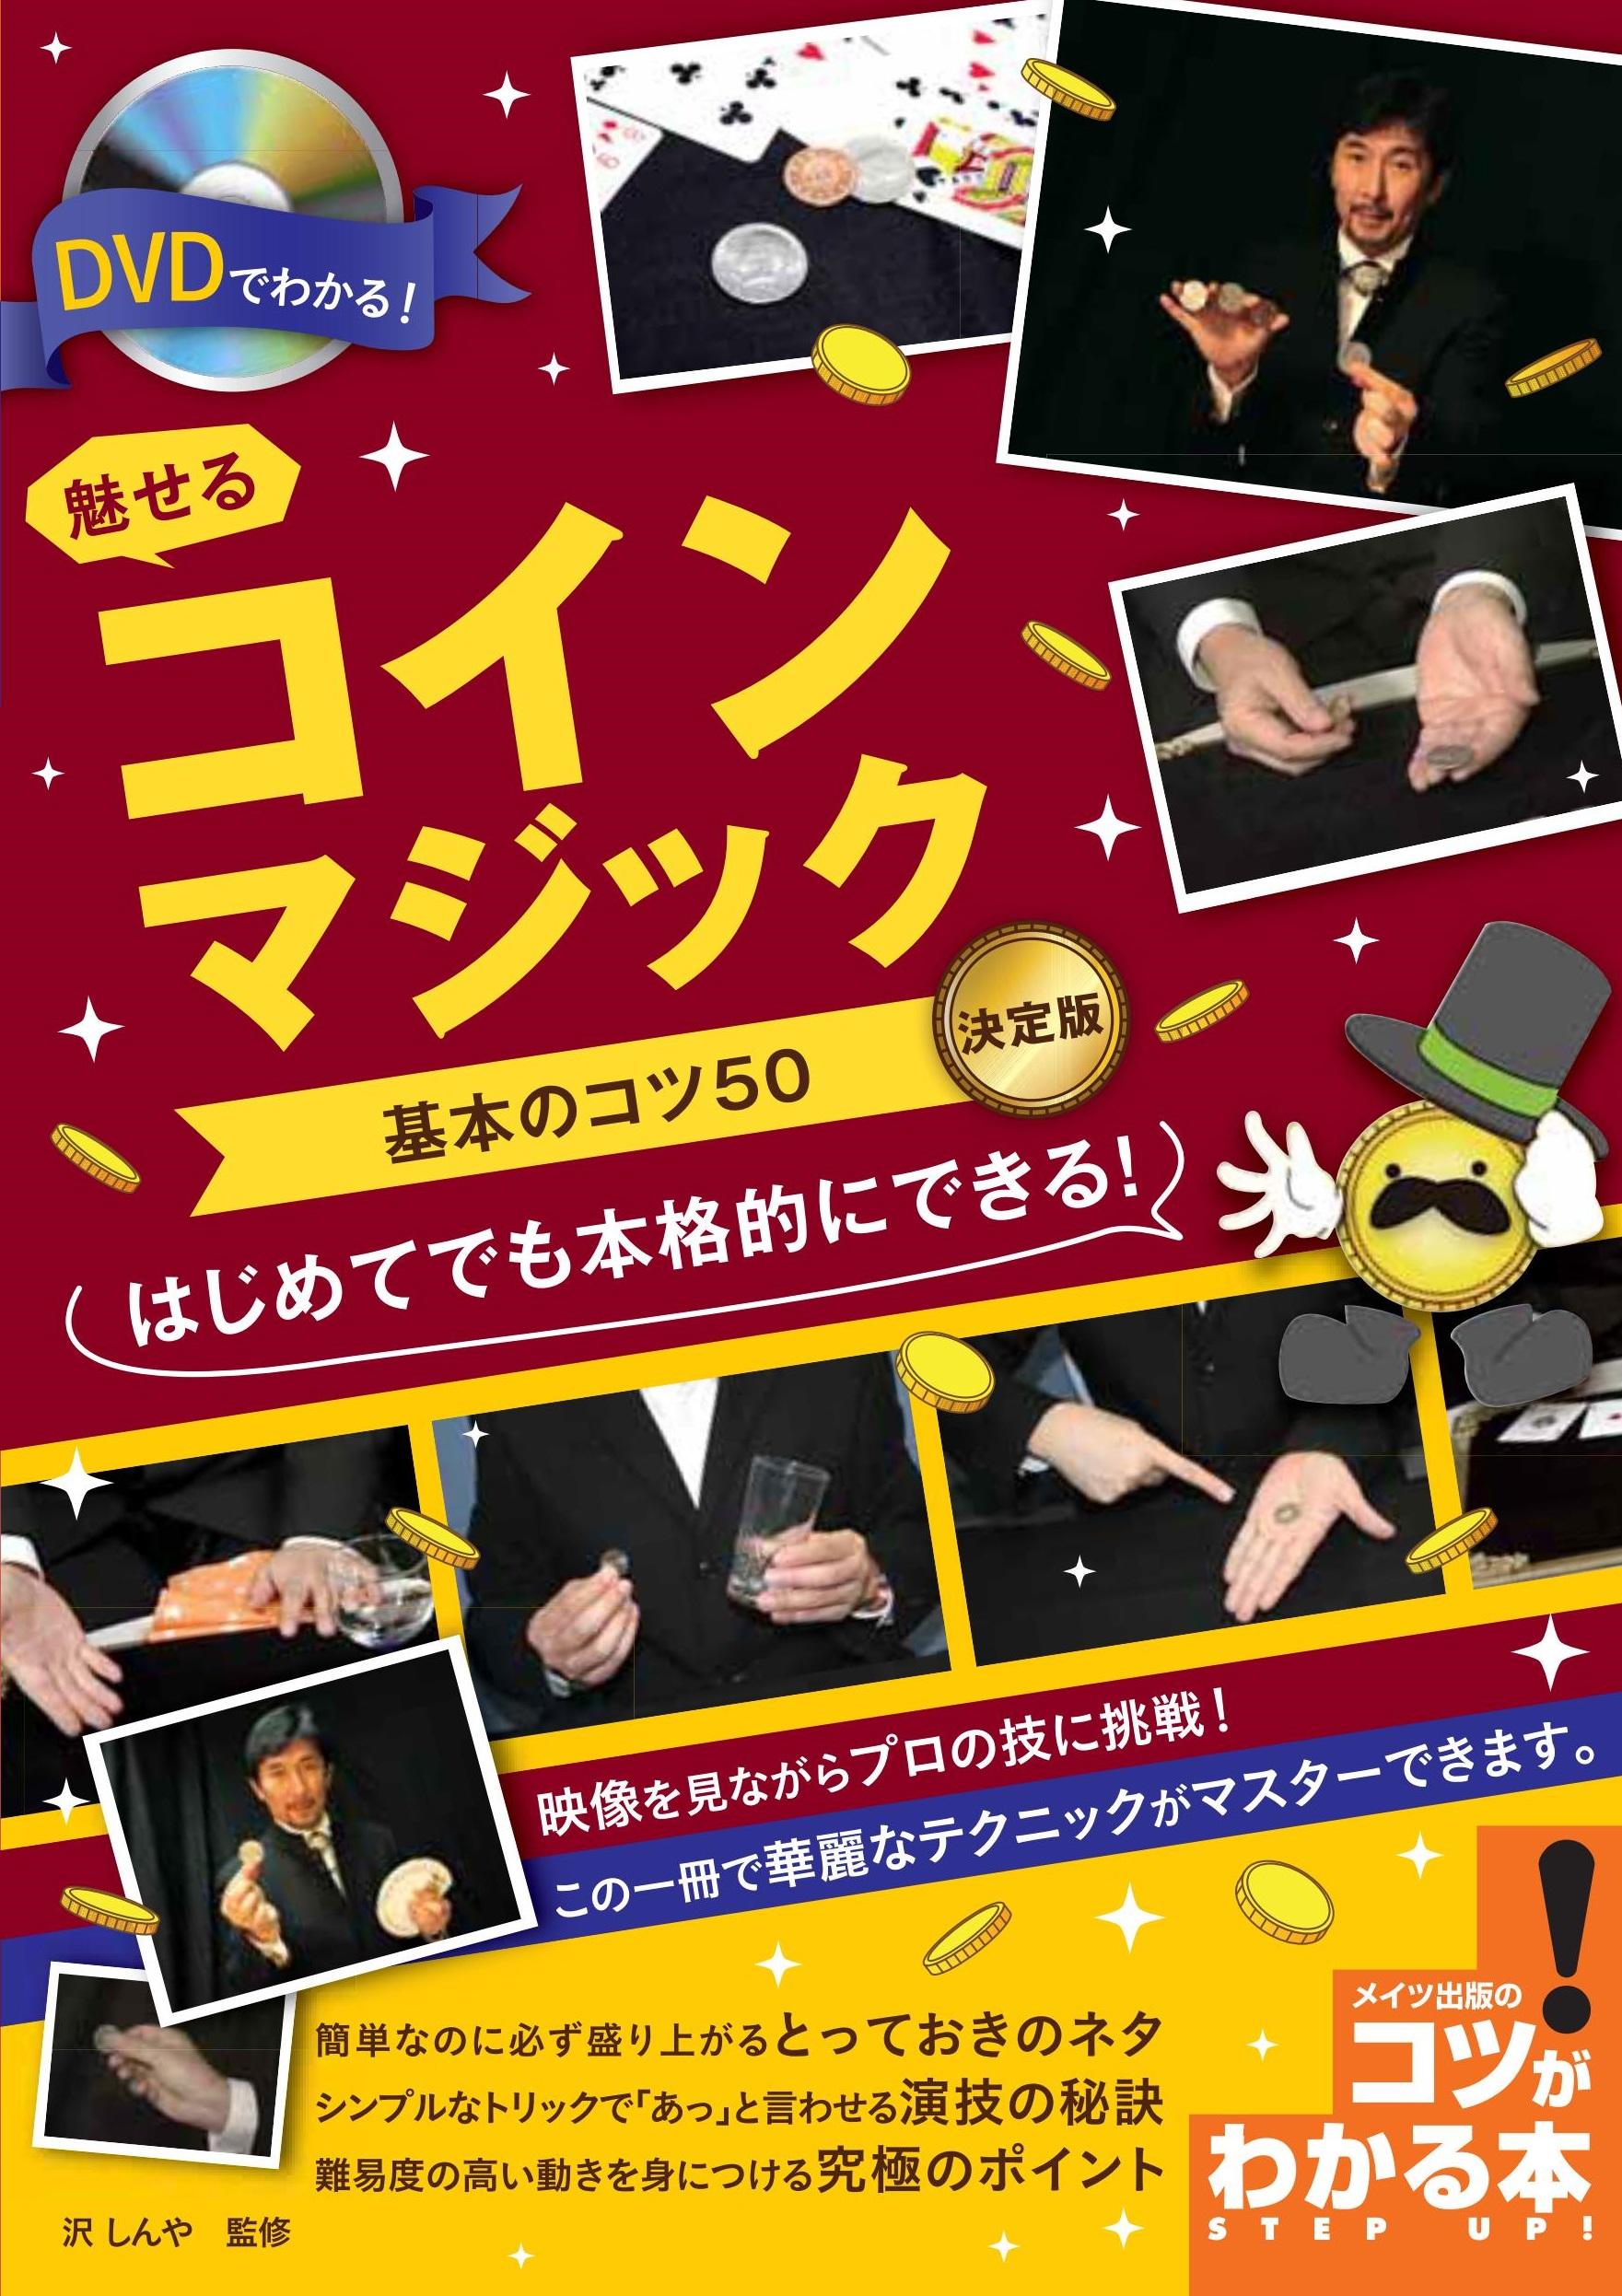 DVDでわかる! 魅せるコインマジック 基本のコツ50 決定版